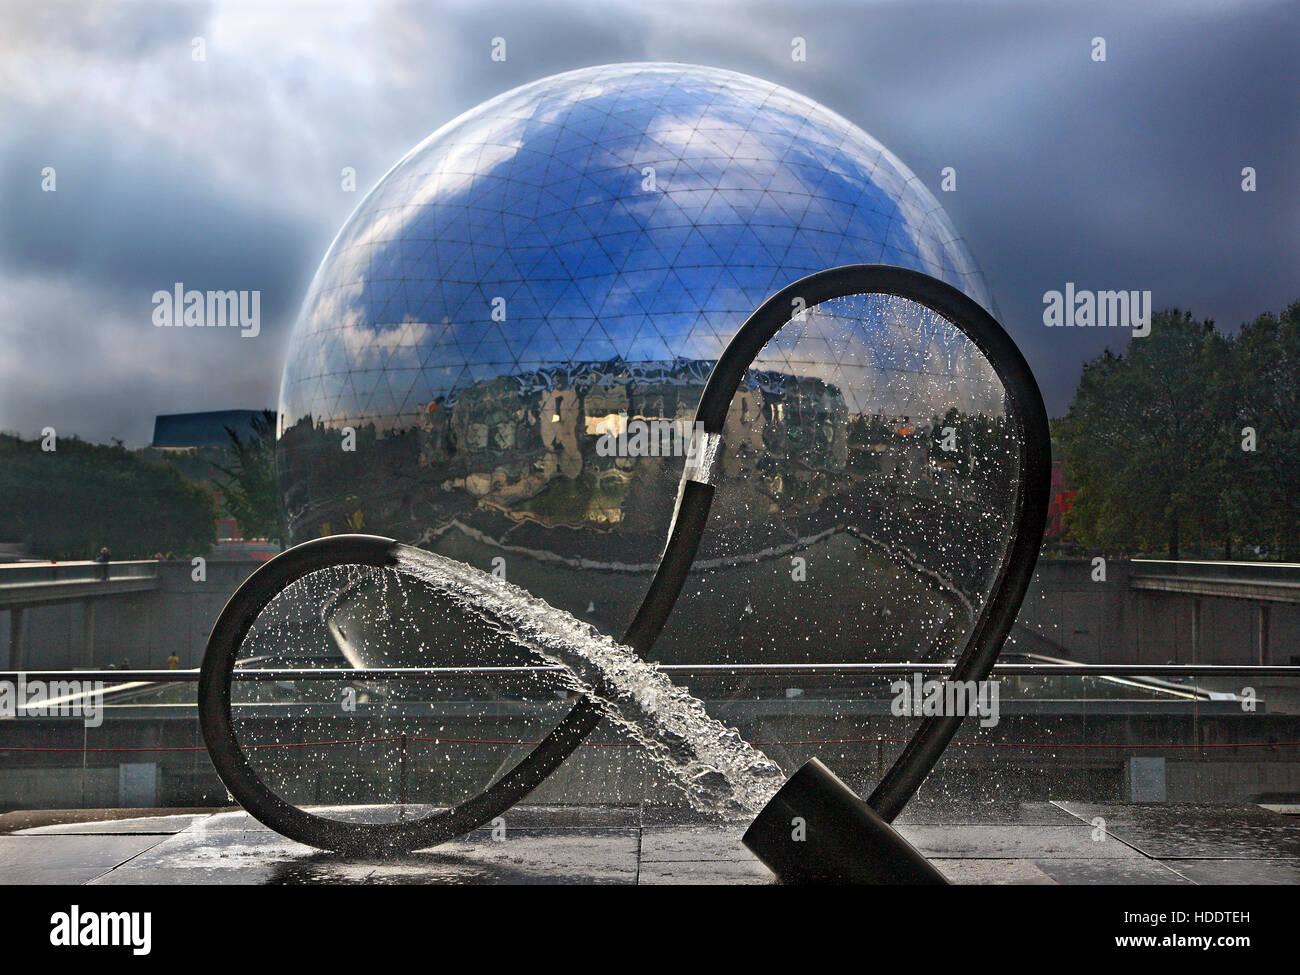 The globe of La Géode in Parc de la Villette at the 'Cité des Sciences et de l'Industrie', - Stock Image